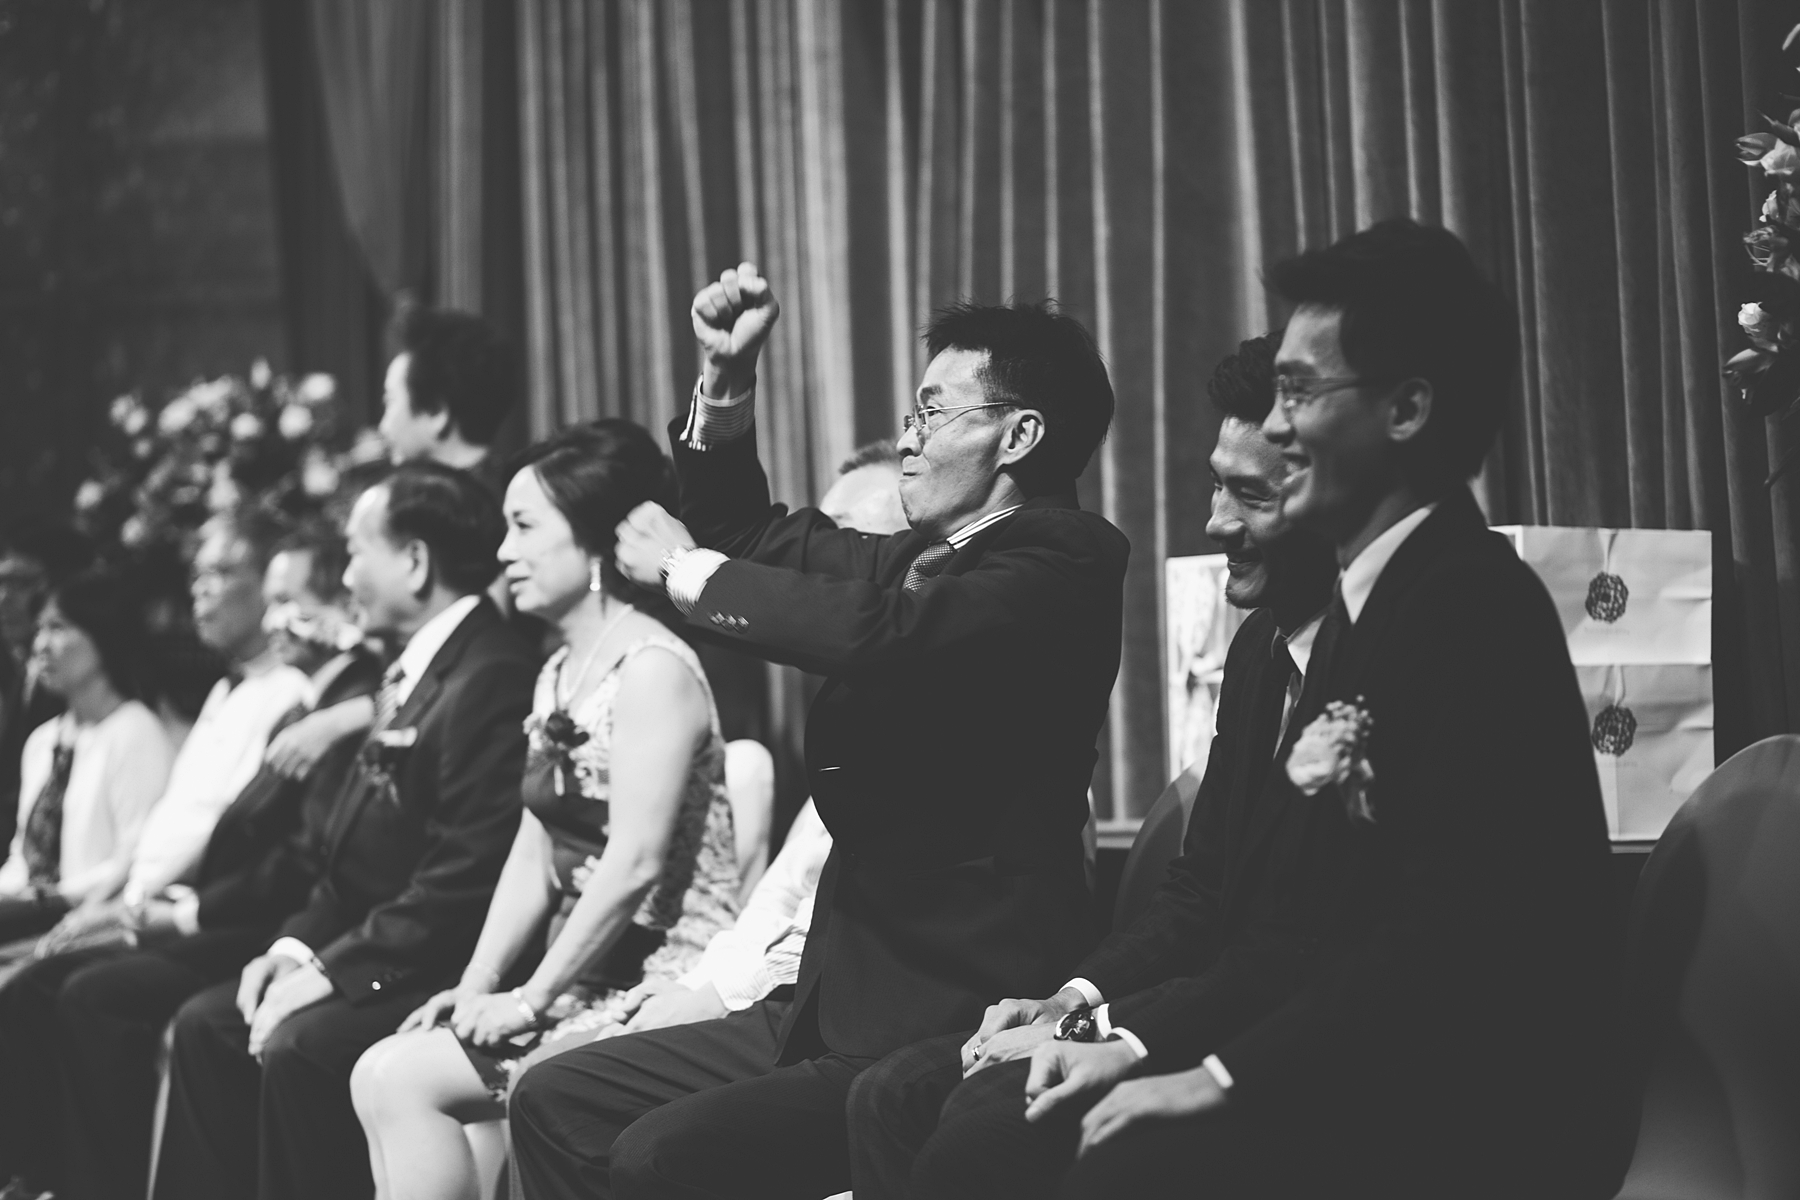 婚禮攝影,婚攝,婚禮記錄,台北,香格里拉遠東國際大飯店,底片風格,自然